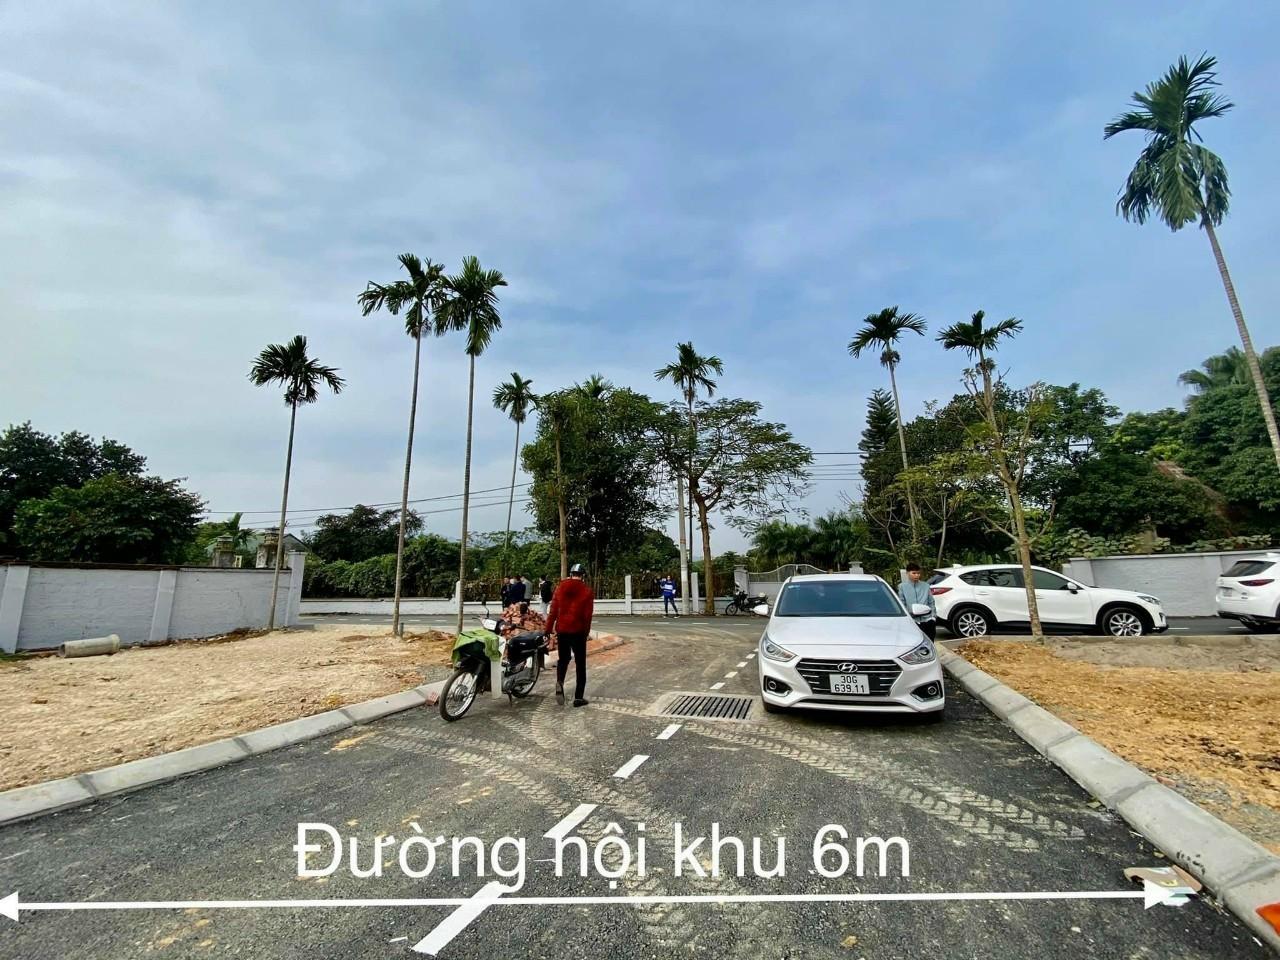 Ra mắt 29 lô đất nền Phú Cát, cách QL 21A 100m, sát tổ hợp y tế